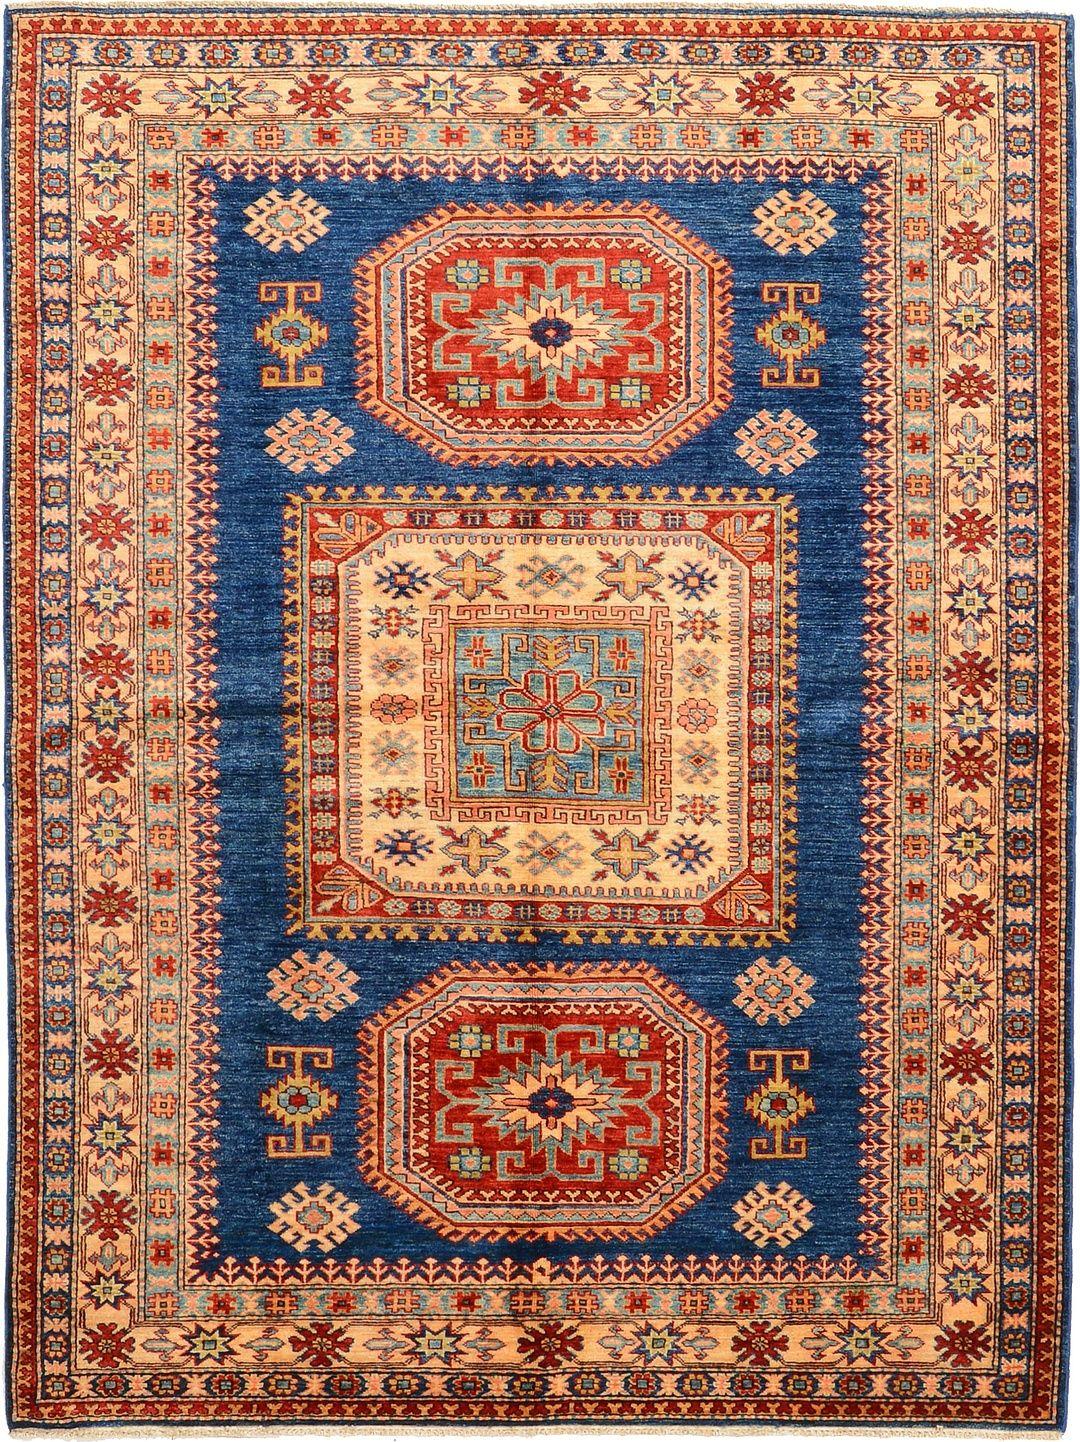 Navy Blue 5 11 X 7 10 Geometric Kazak Rug Oriental Rugs Esalerugs Oriental Rug Scandinavian Rug Rugs